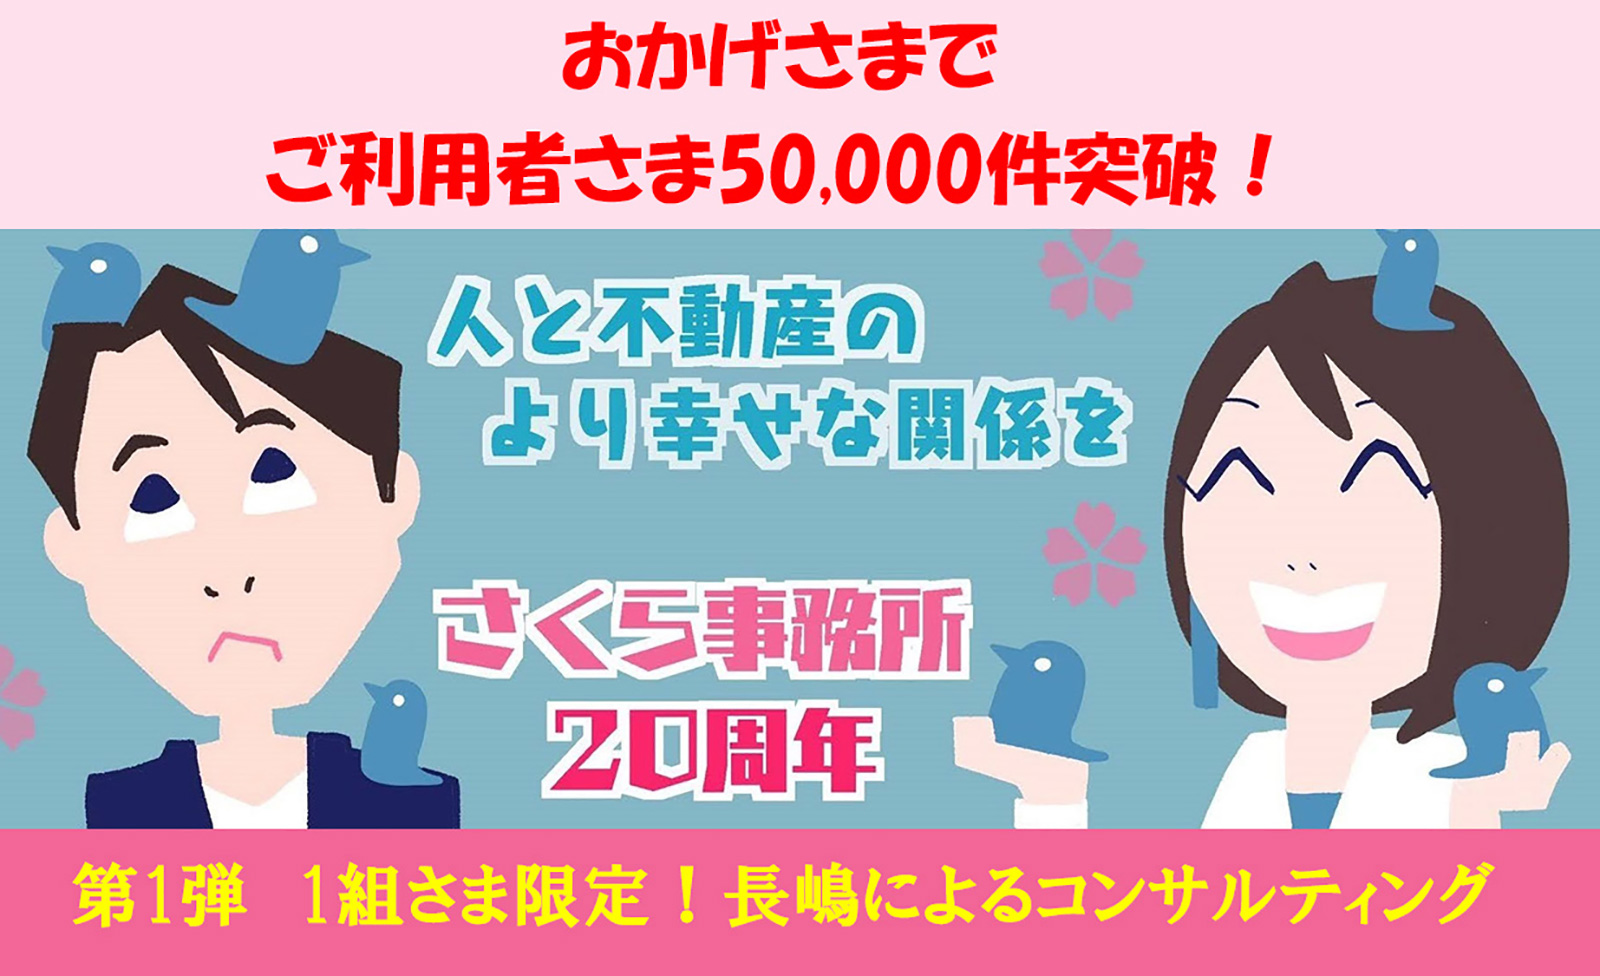 【応募受付終了】ご利用者さま50,000件突破キャンペーン!【第1弾】長嶋修によるコンサルティング